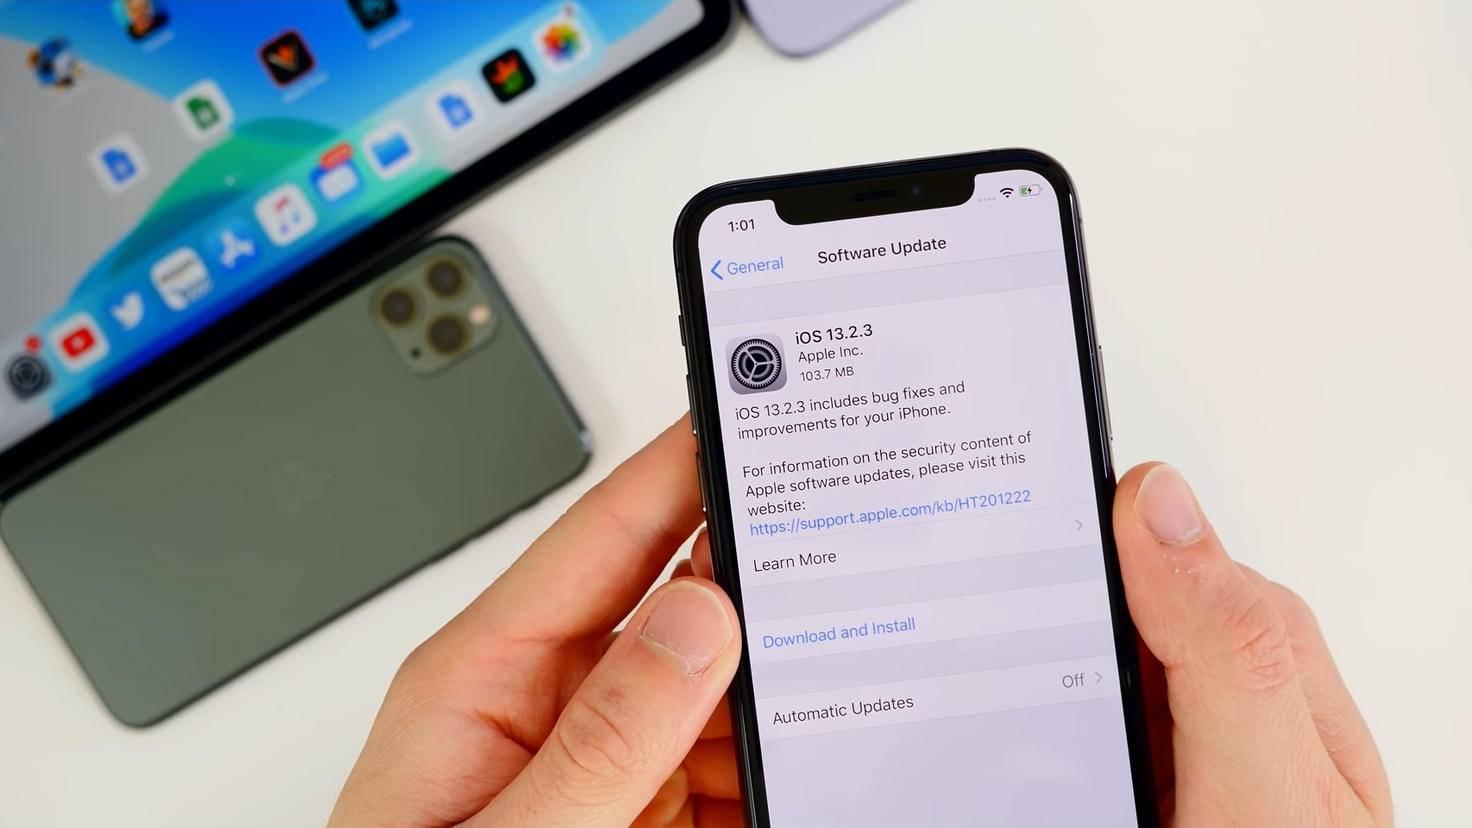 ios-13.2.3-update